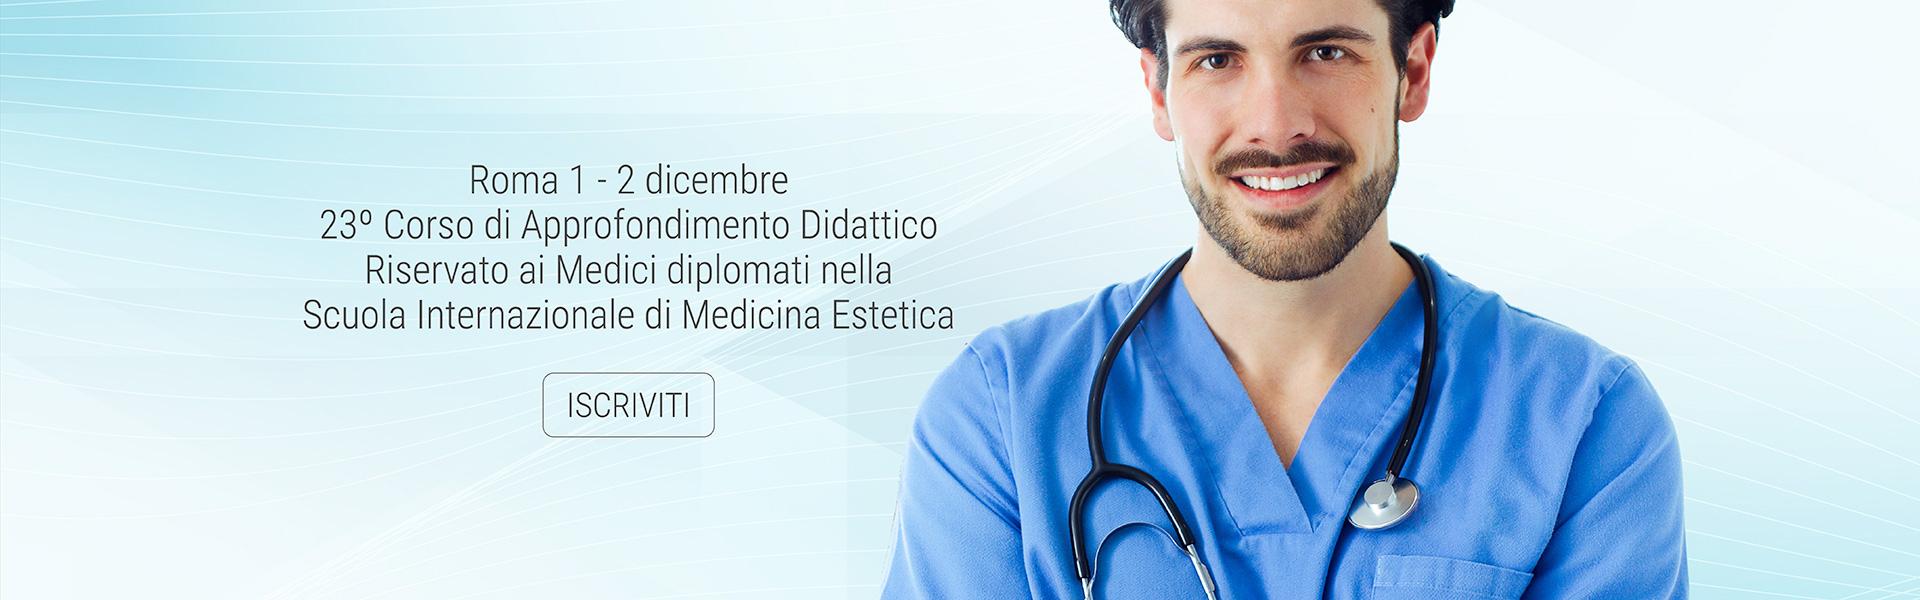 Key points in Medicina Estetica: conferme e contraddittori